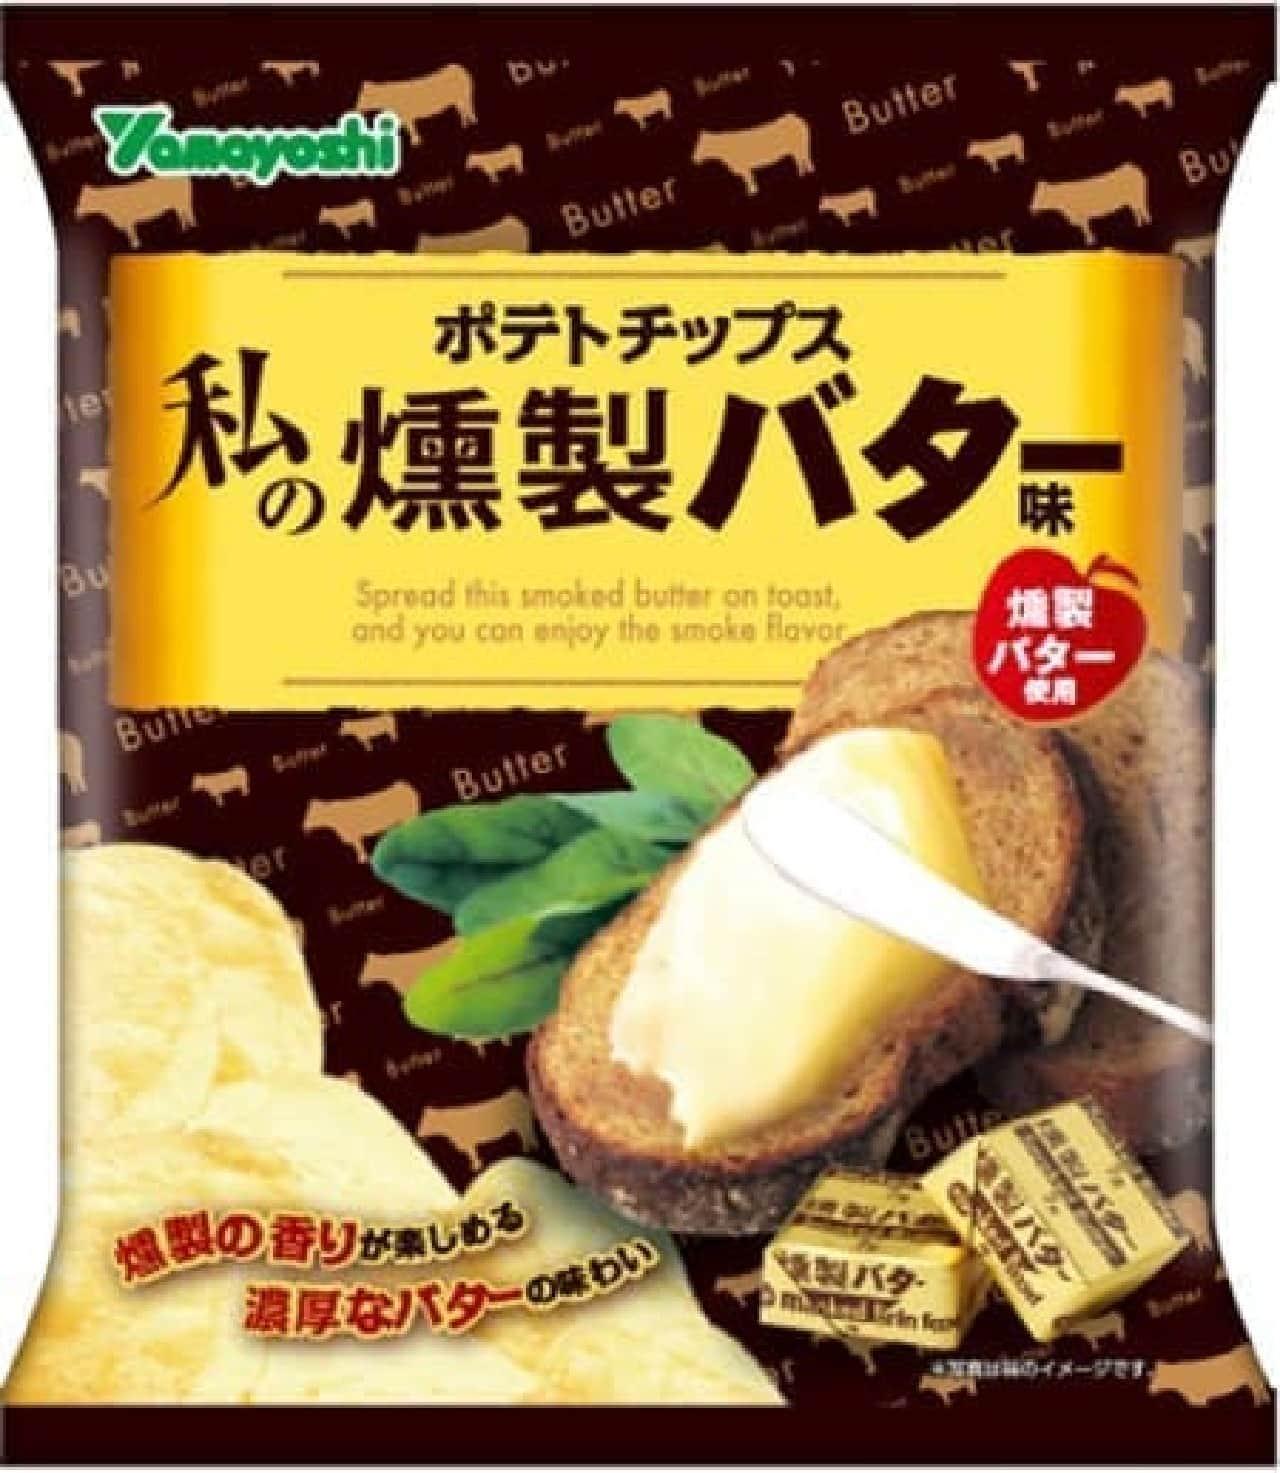 マリンフードと山芳製菓がコラボ!「ポテトチップス 私の燻製バター味」